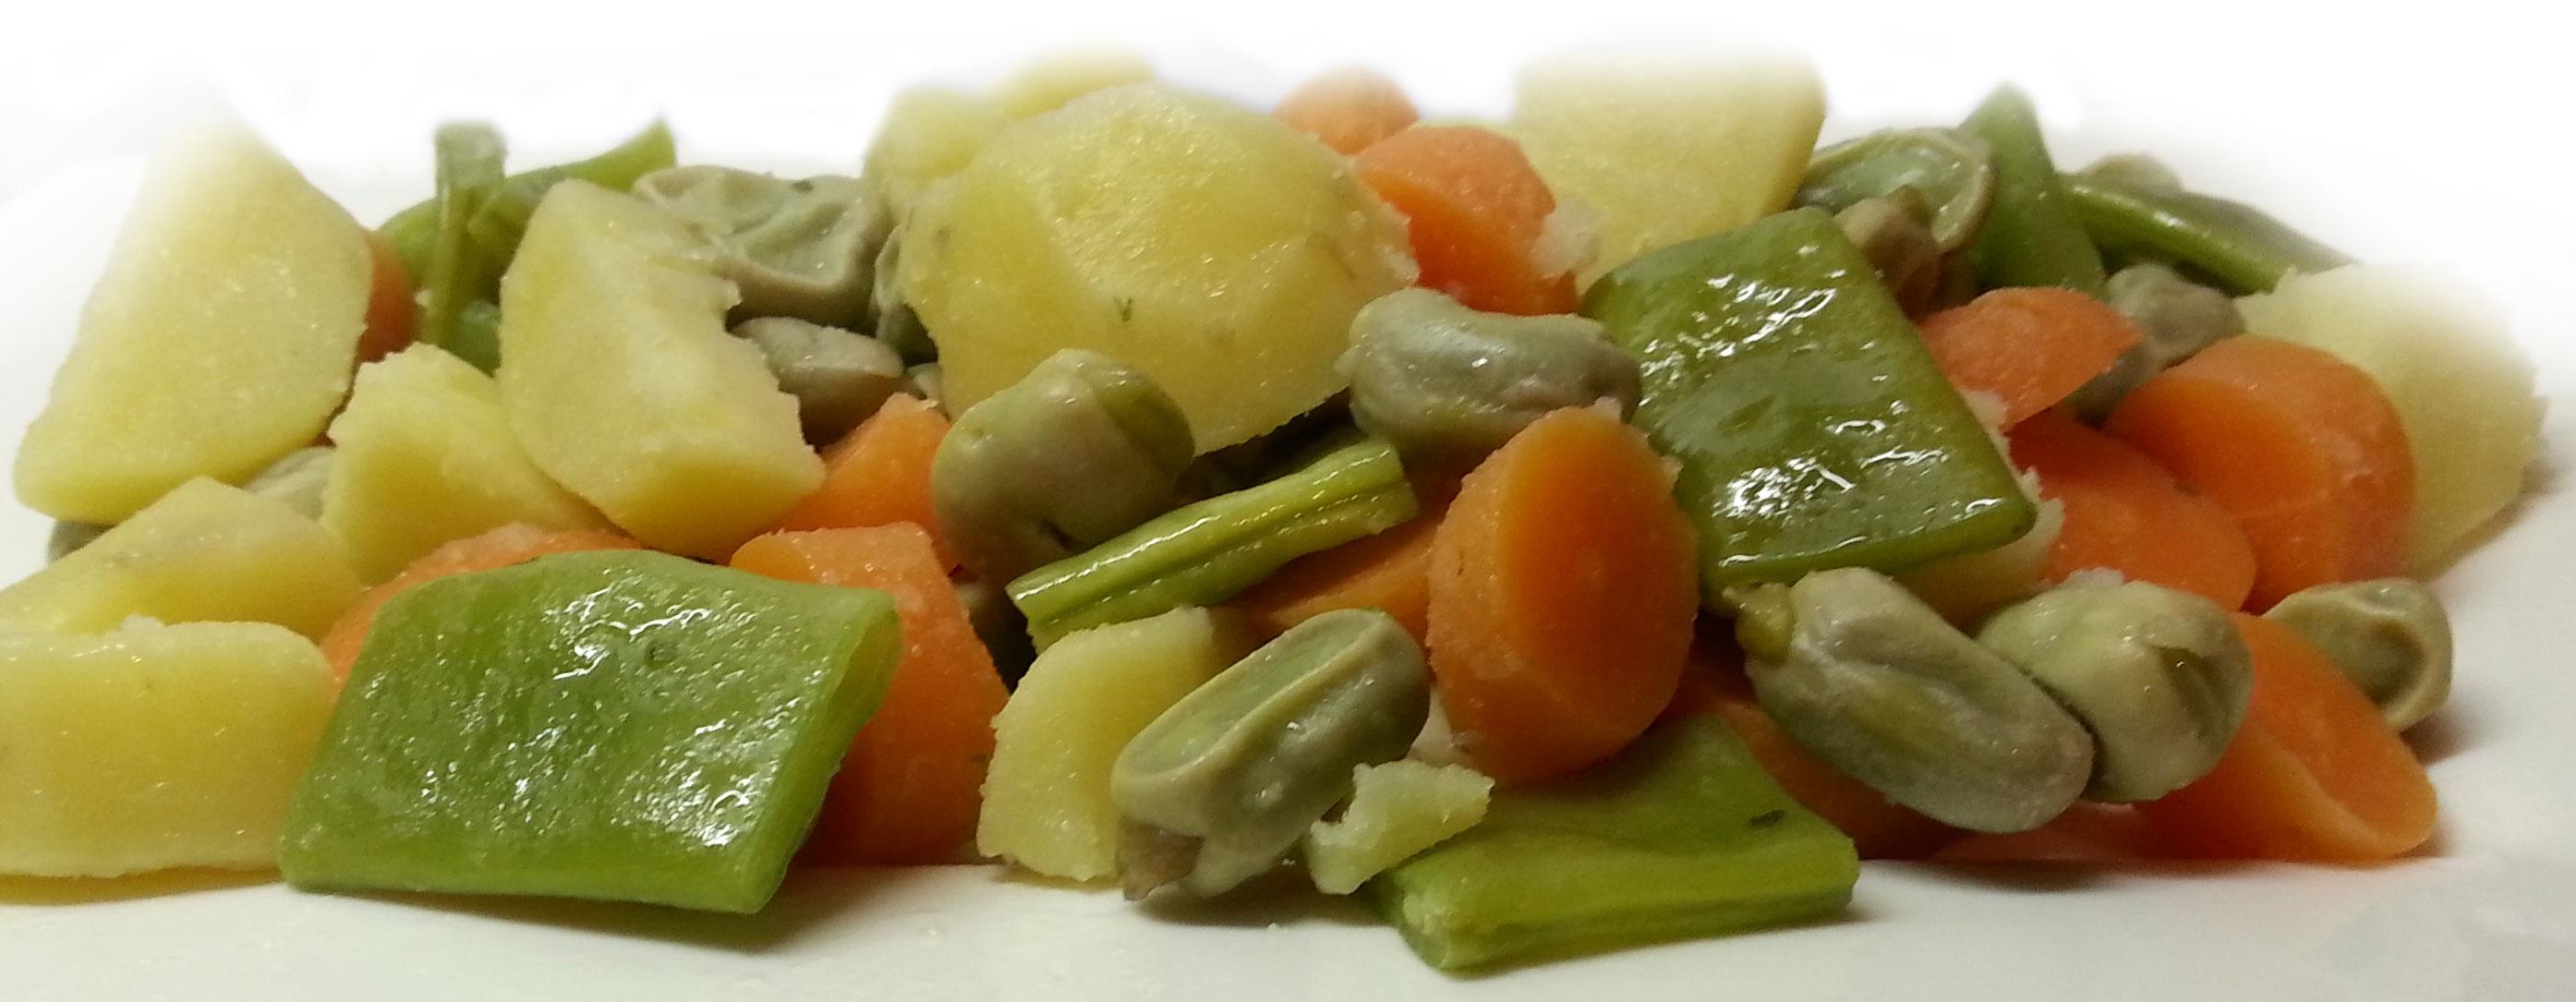 Para gustos la menestra ehosa productos para - Como preparar menestra de verduras ...